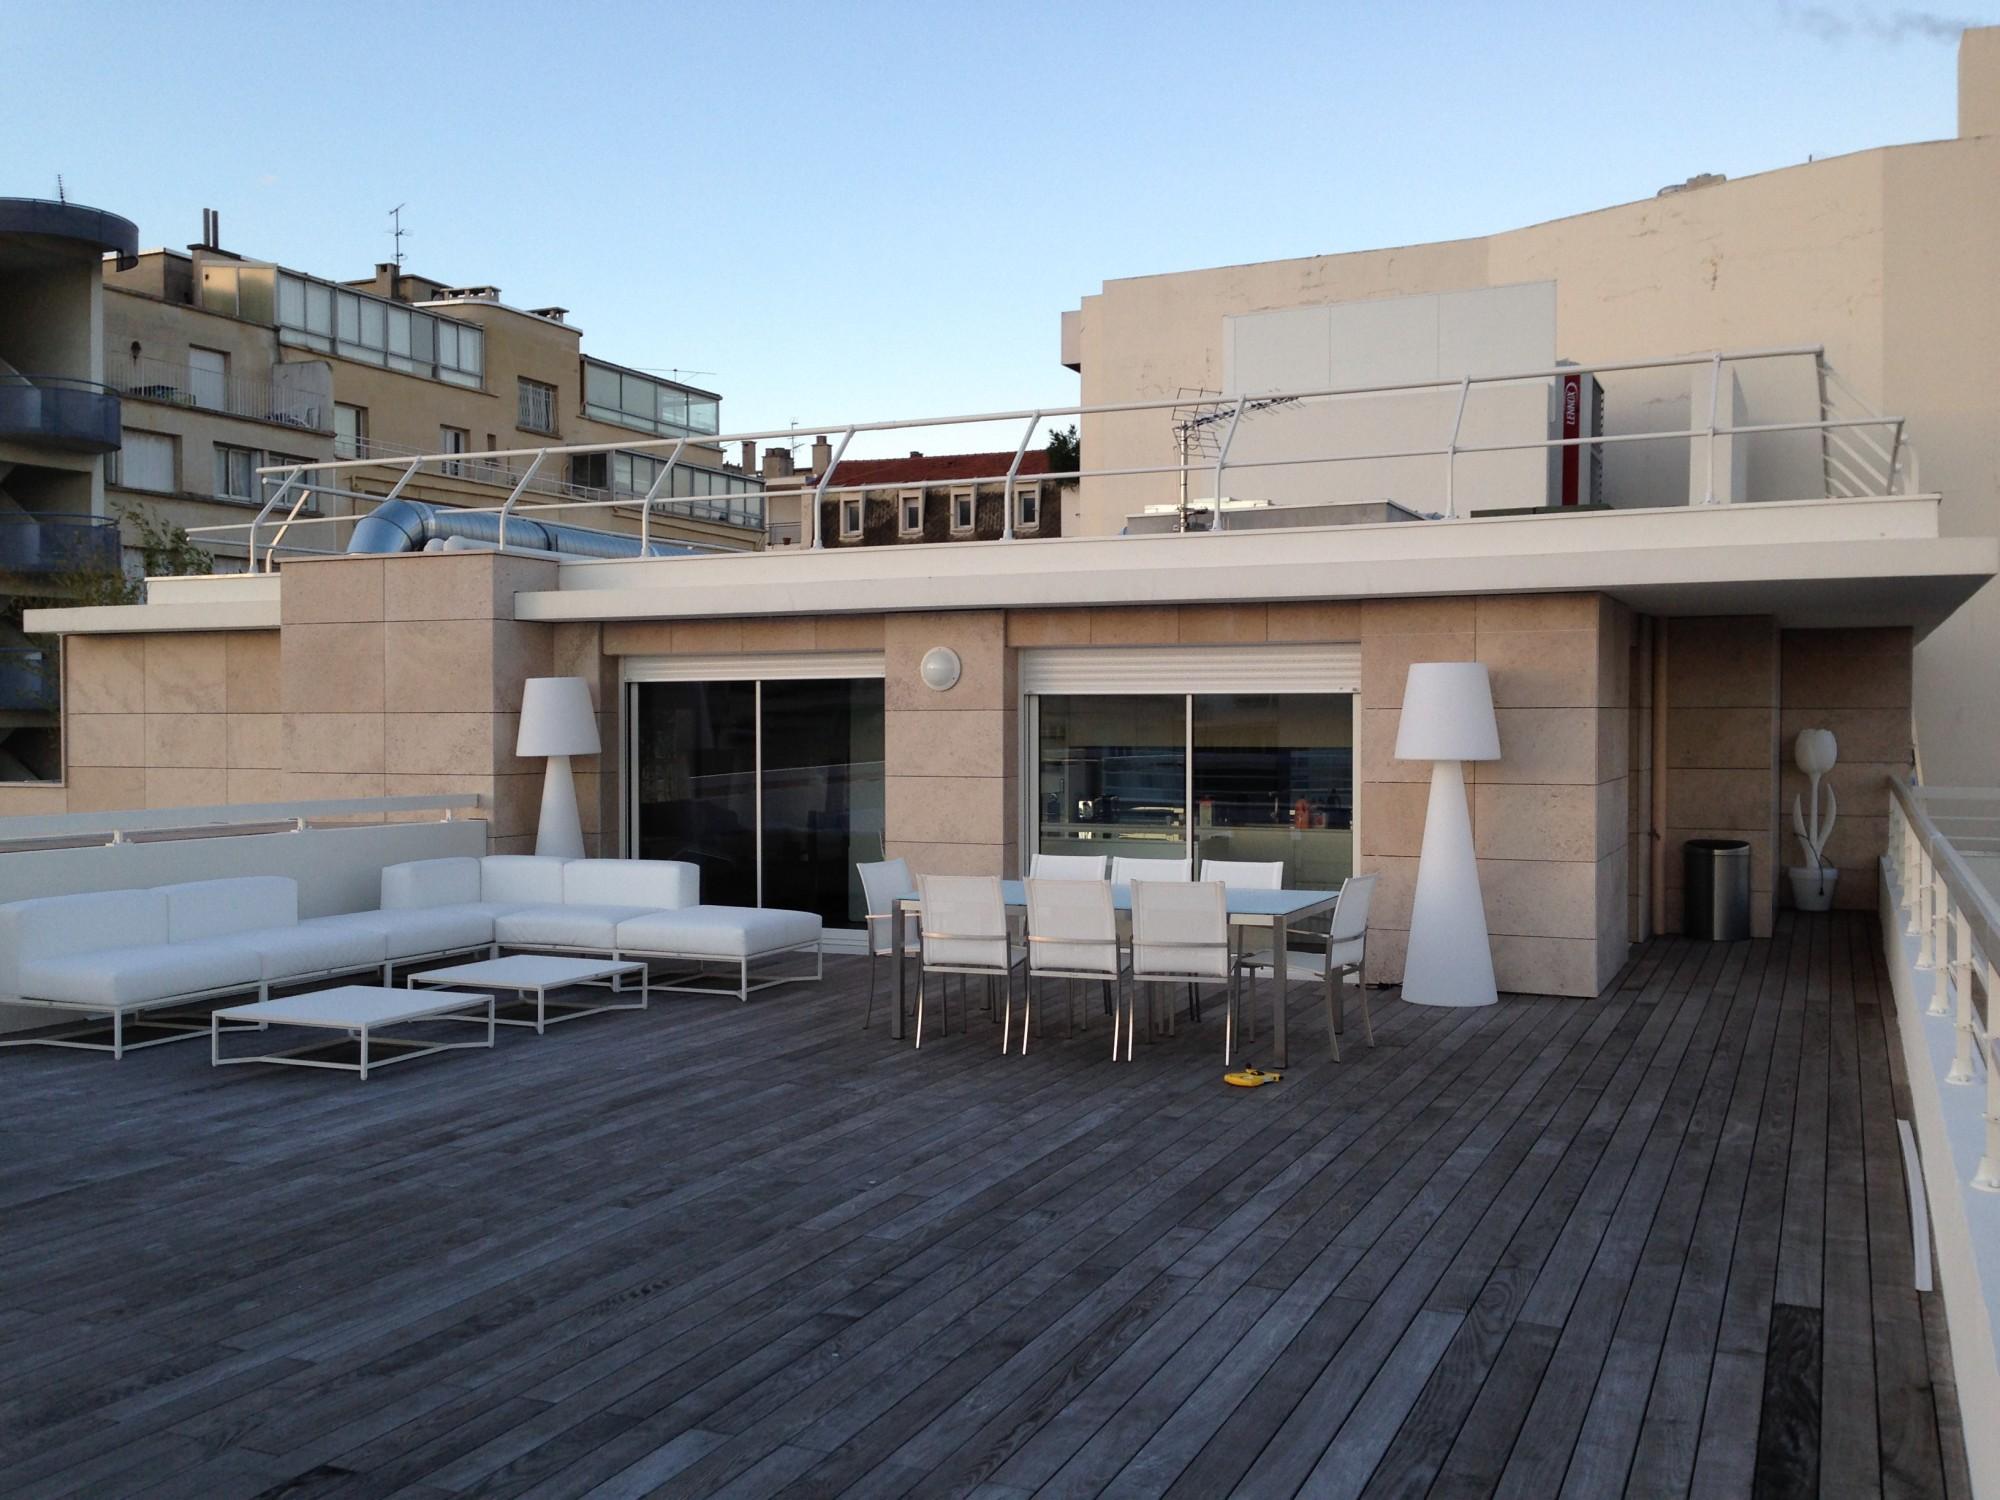 cr ation de jardini res en bois sur un toit terrasse